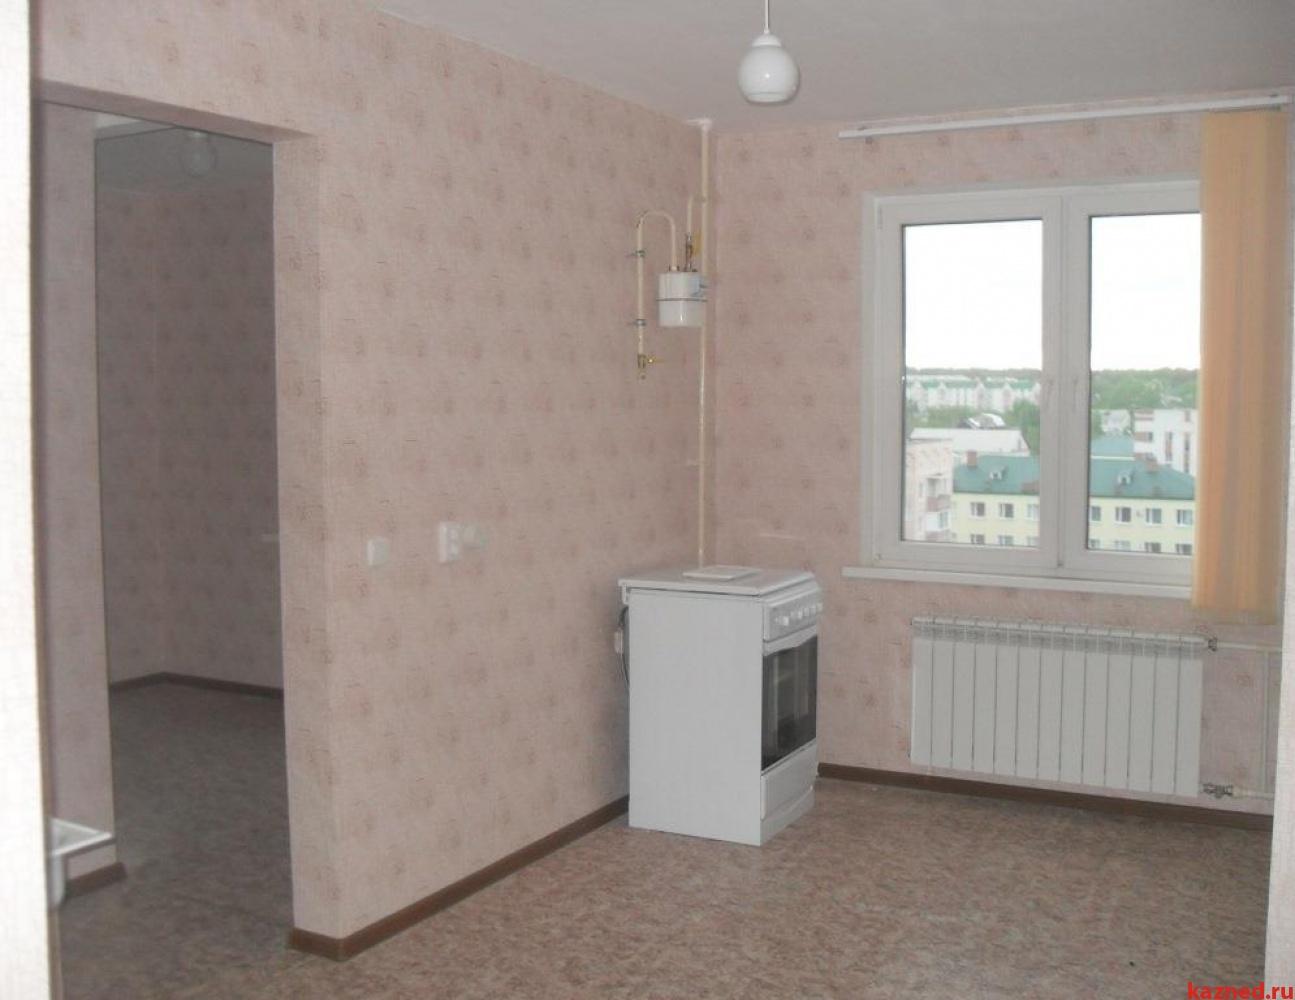 Продажа 2-к квартиры Привокзальная 52, 66 м² (миниатюра №2)